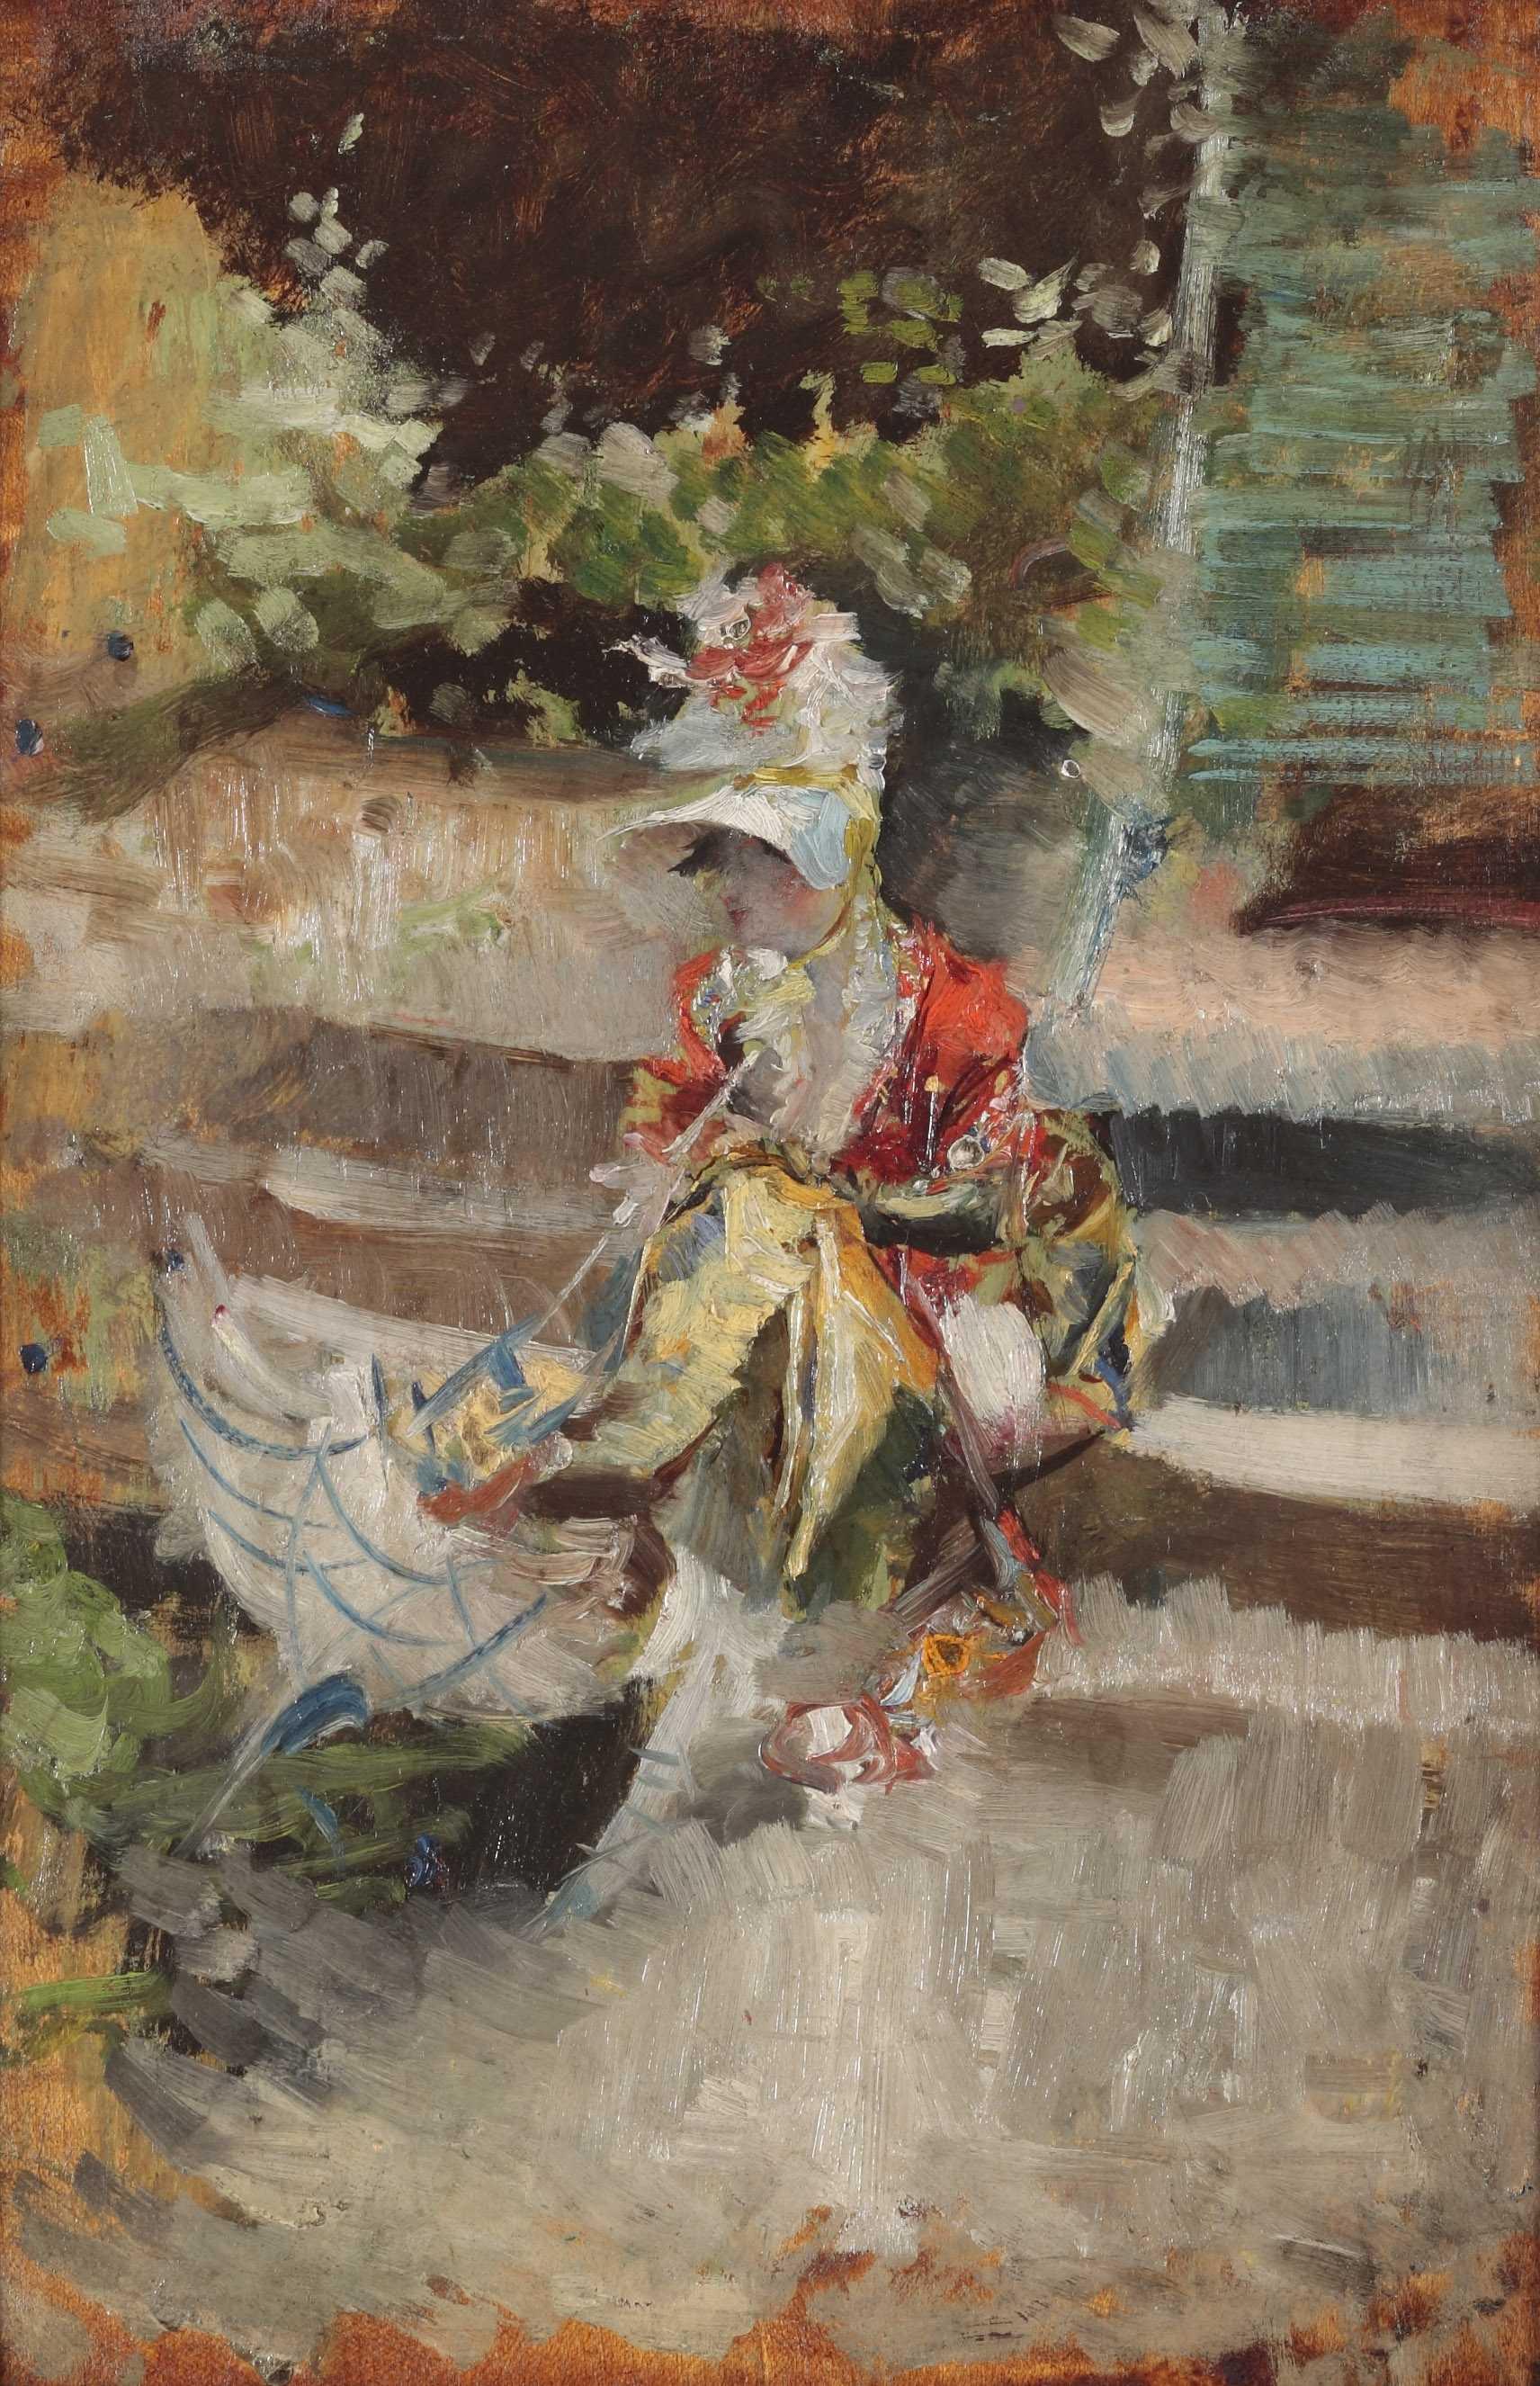 Giovanni Boldini, Berthe con capellino di paglia, c. 1872 Óleo sobre lienzo Colección Palazzo Foresti, Carpi